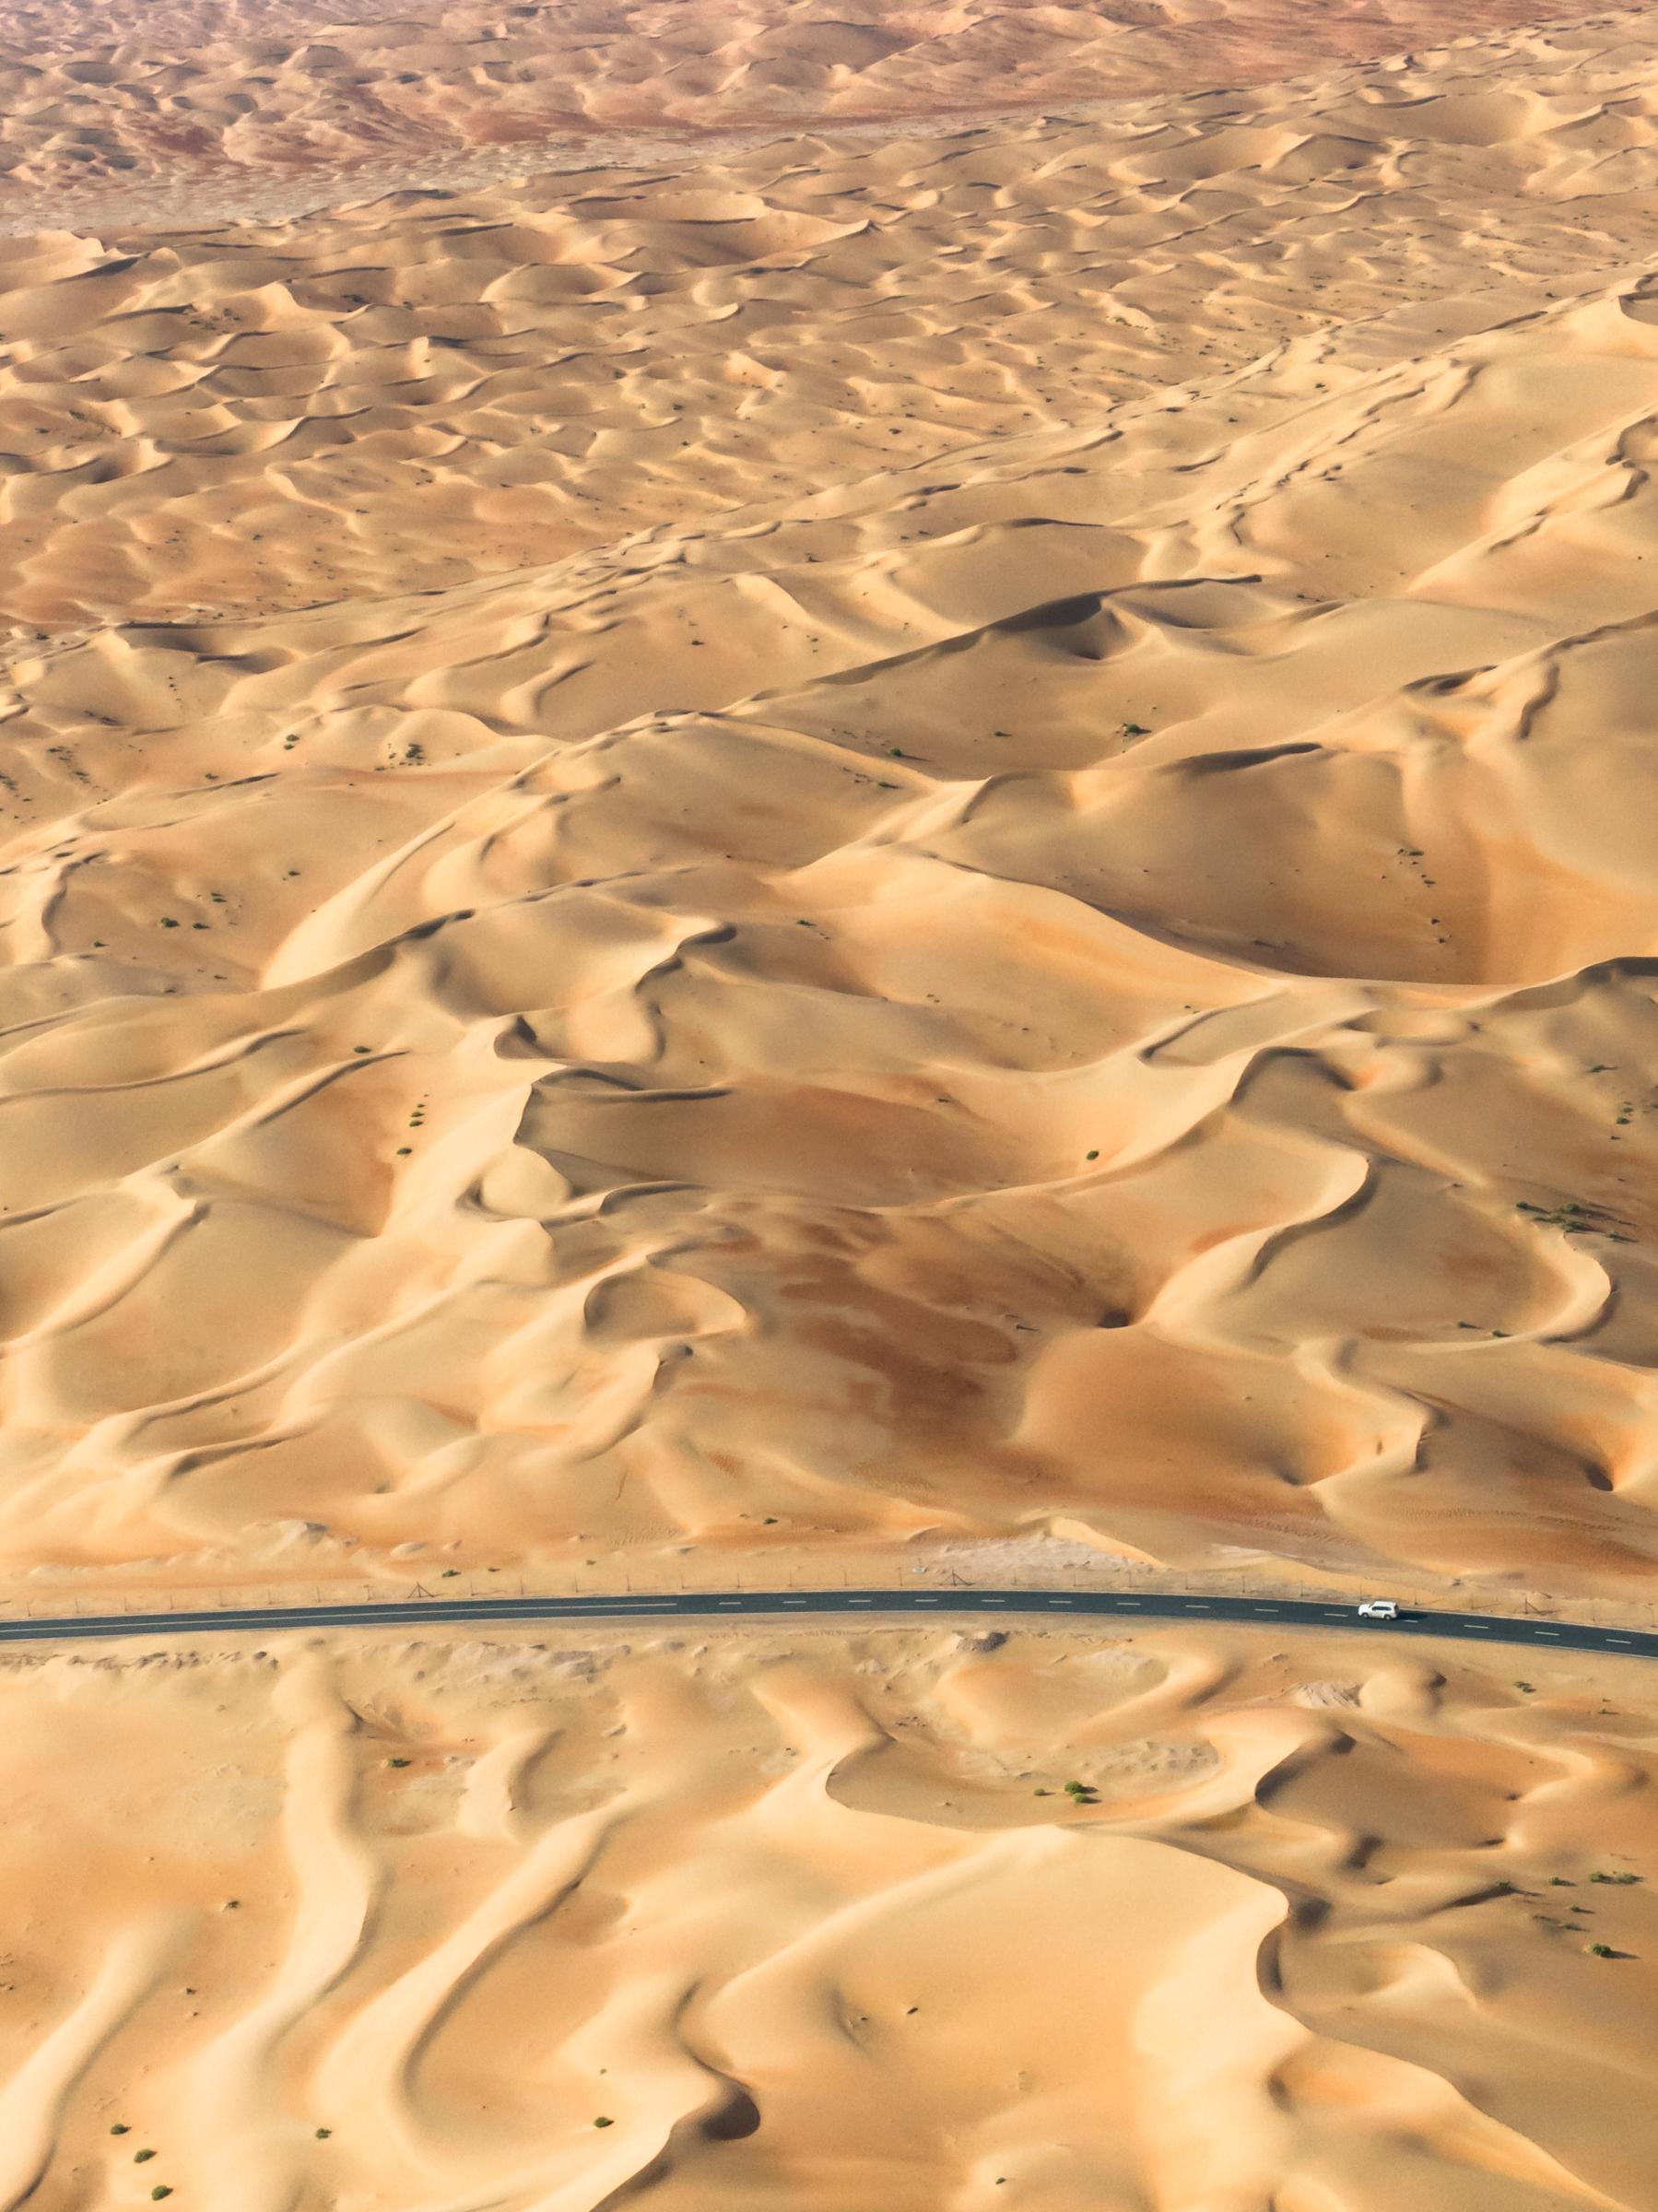 endlessdesert_typoland_aerial.jpg